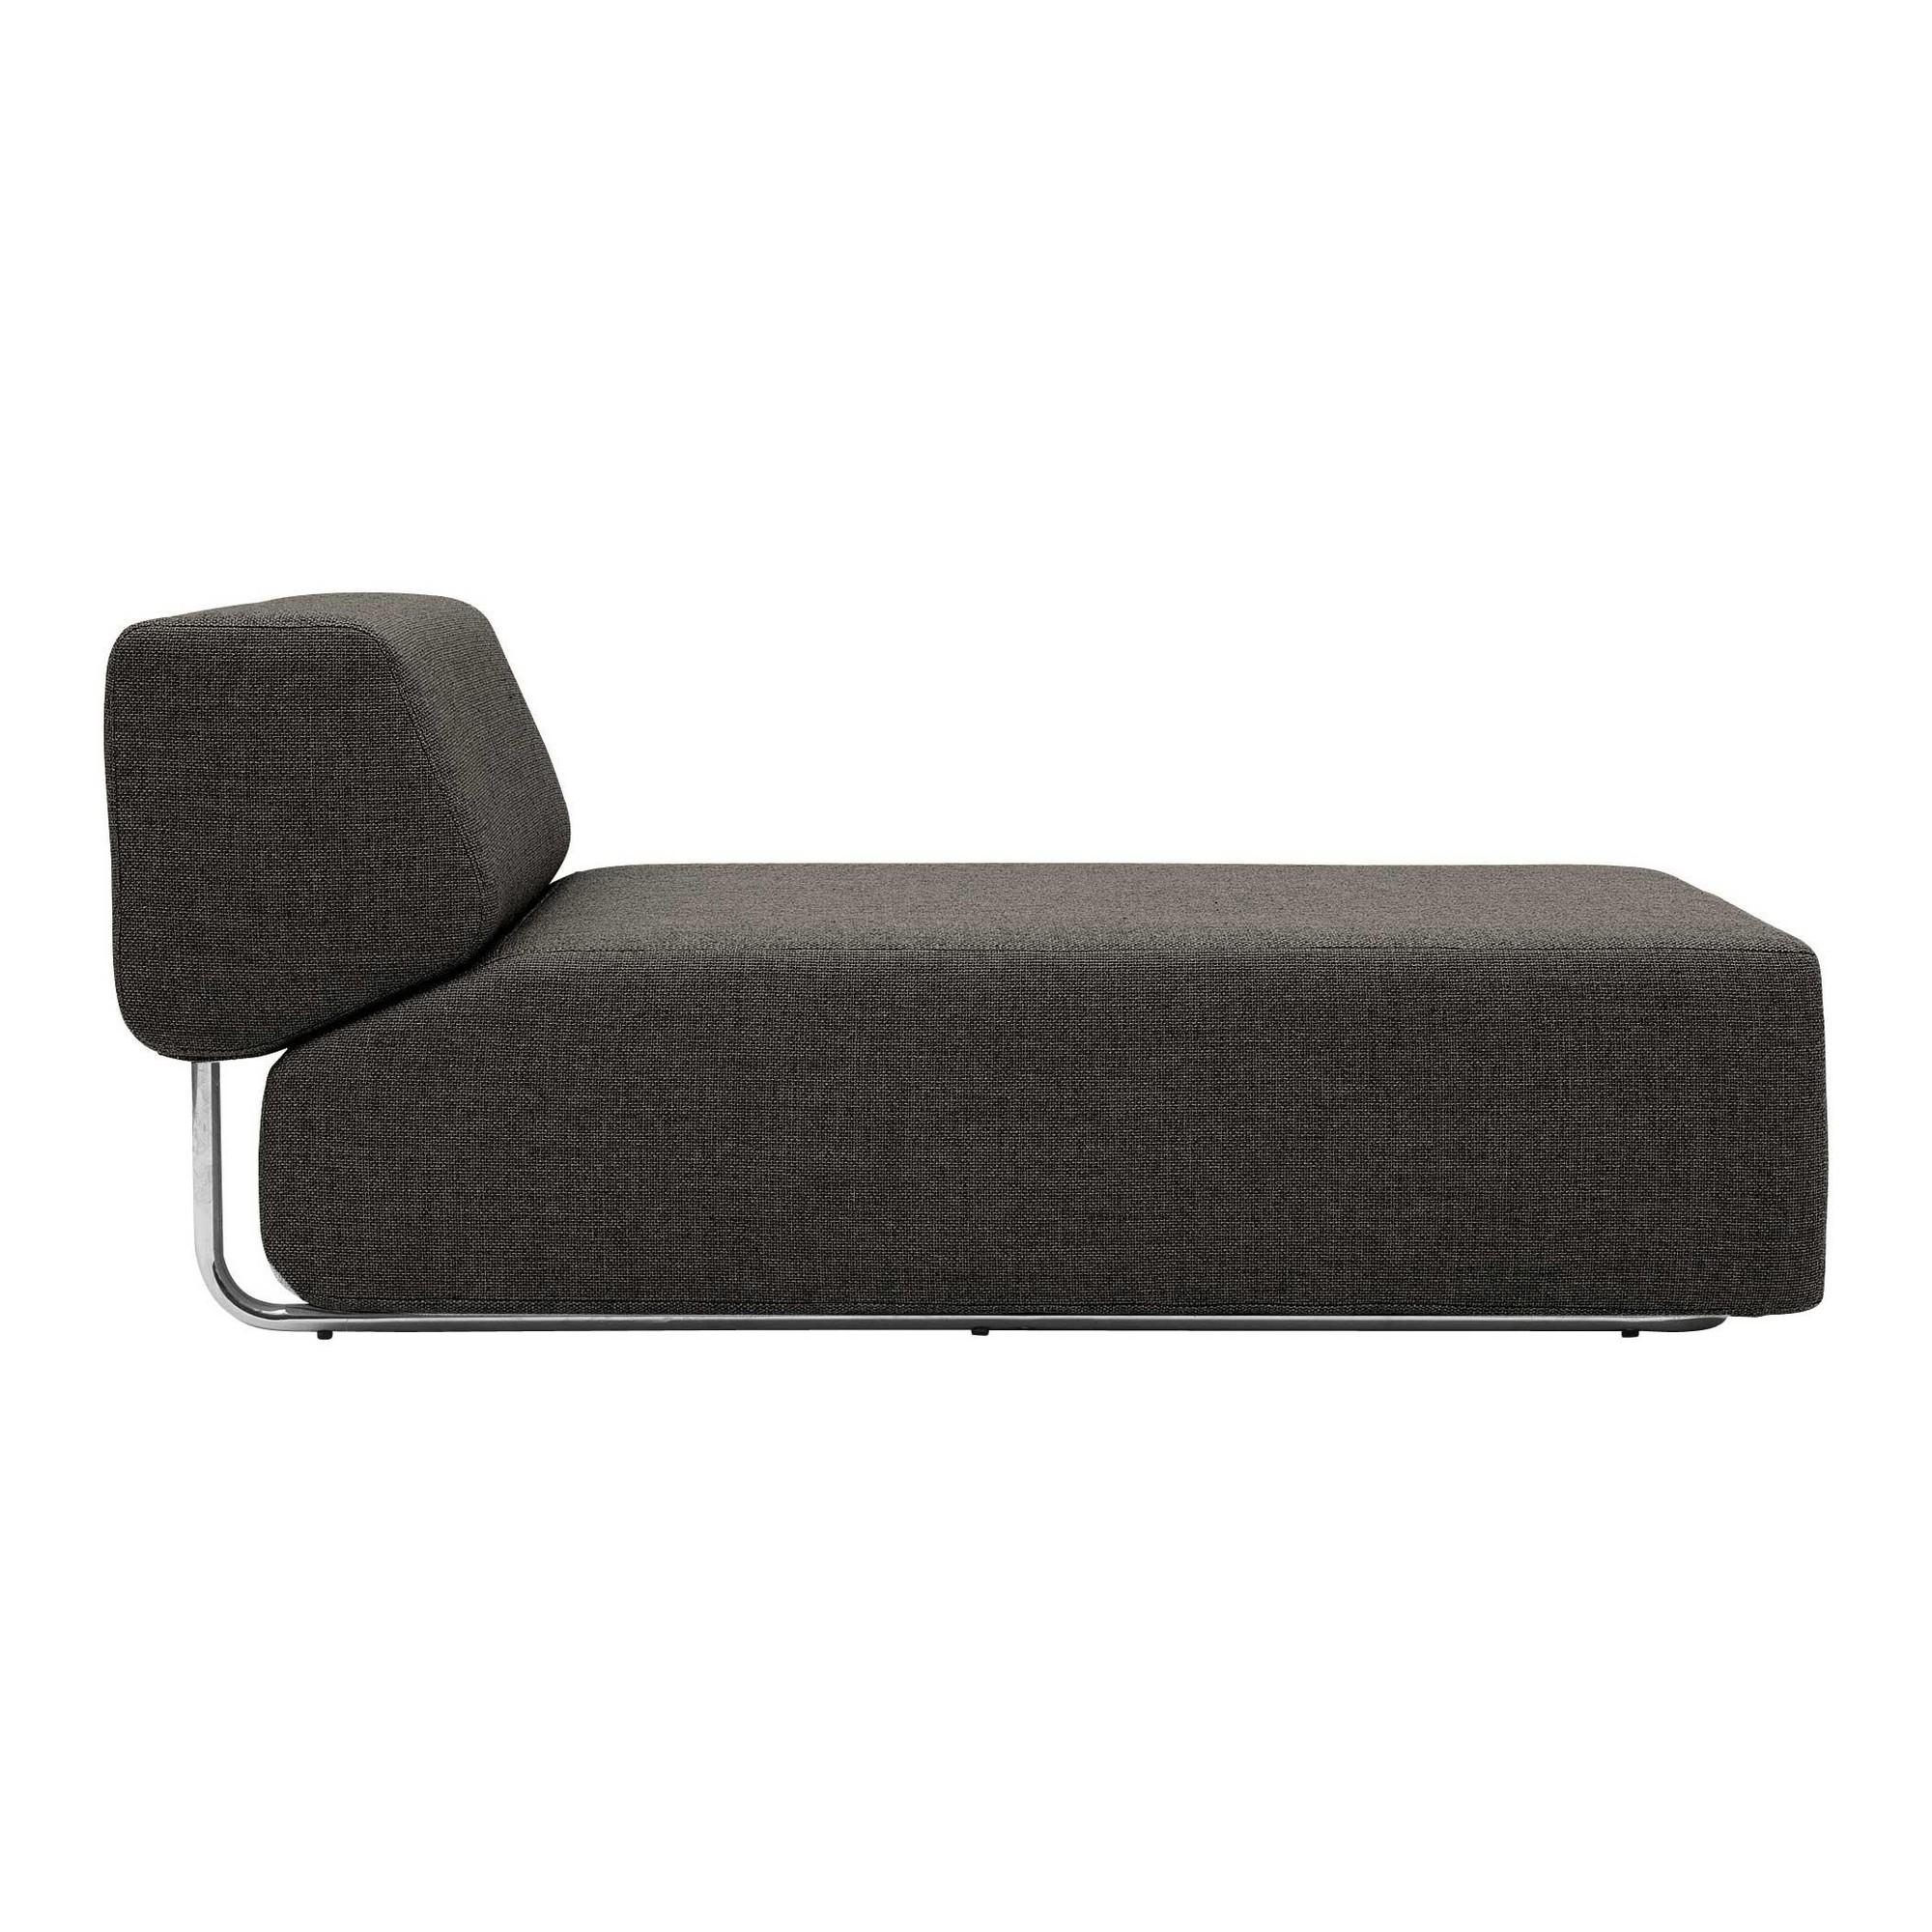 Softline Noa Sofa Chaiselongue Module